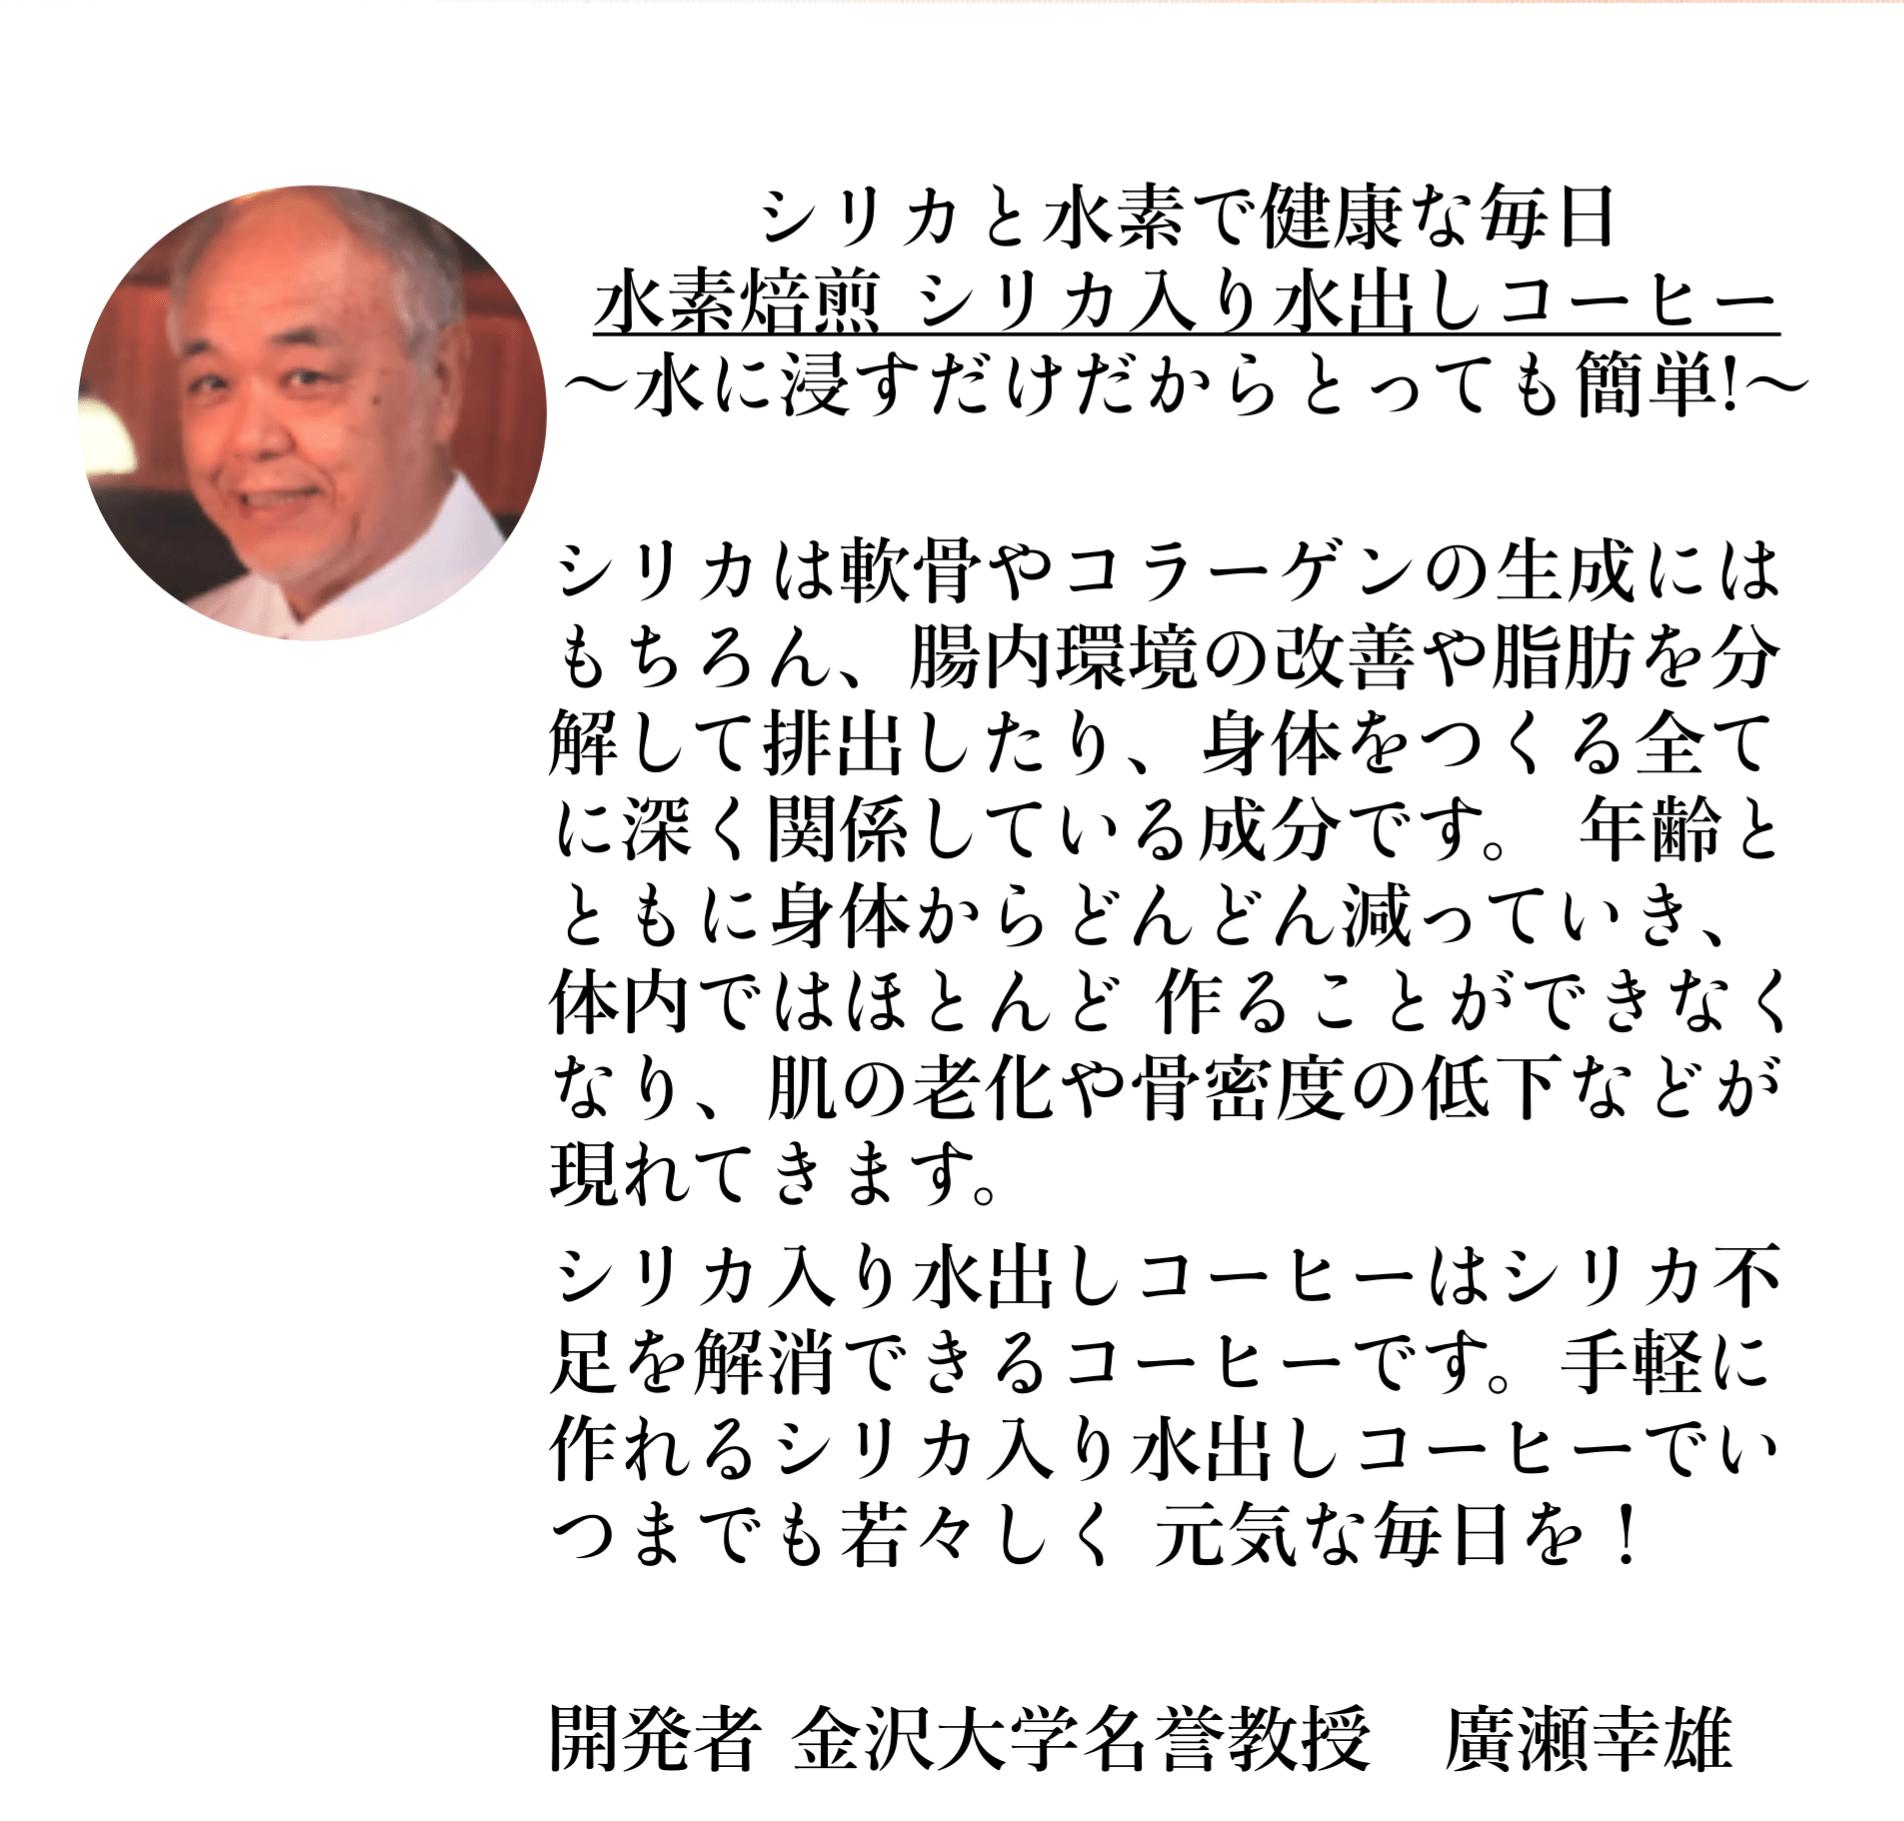 金沢大学名誉教授廣瀬幸雄